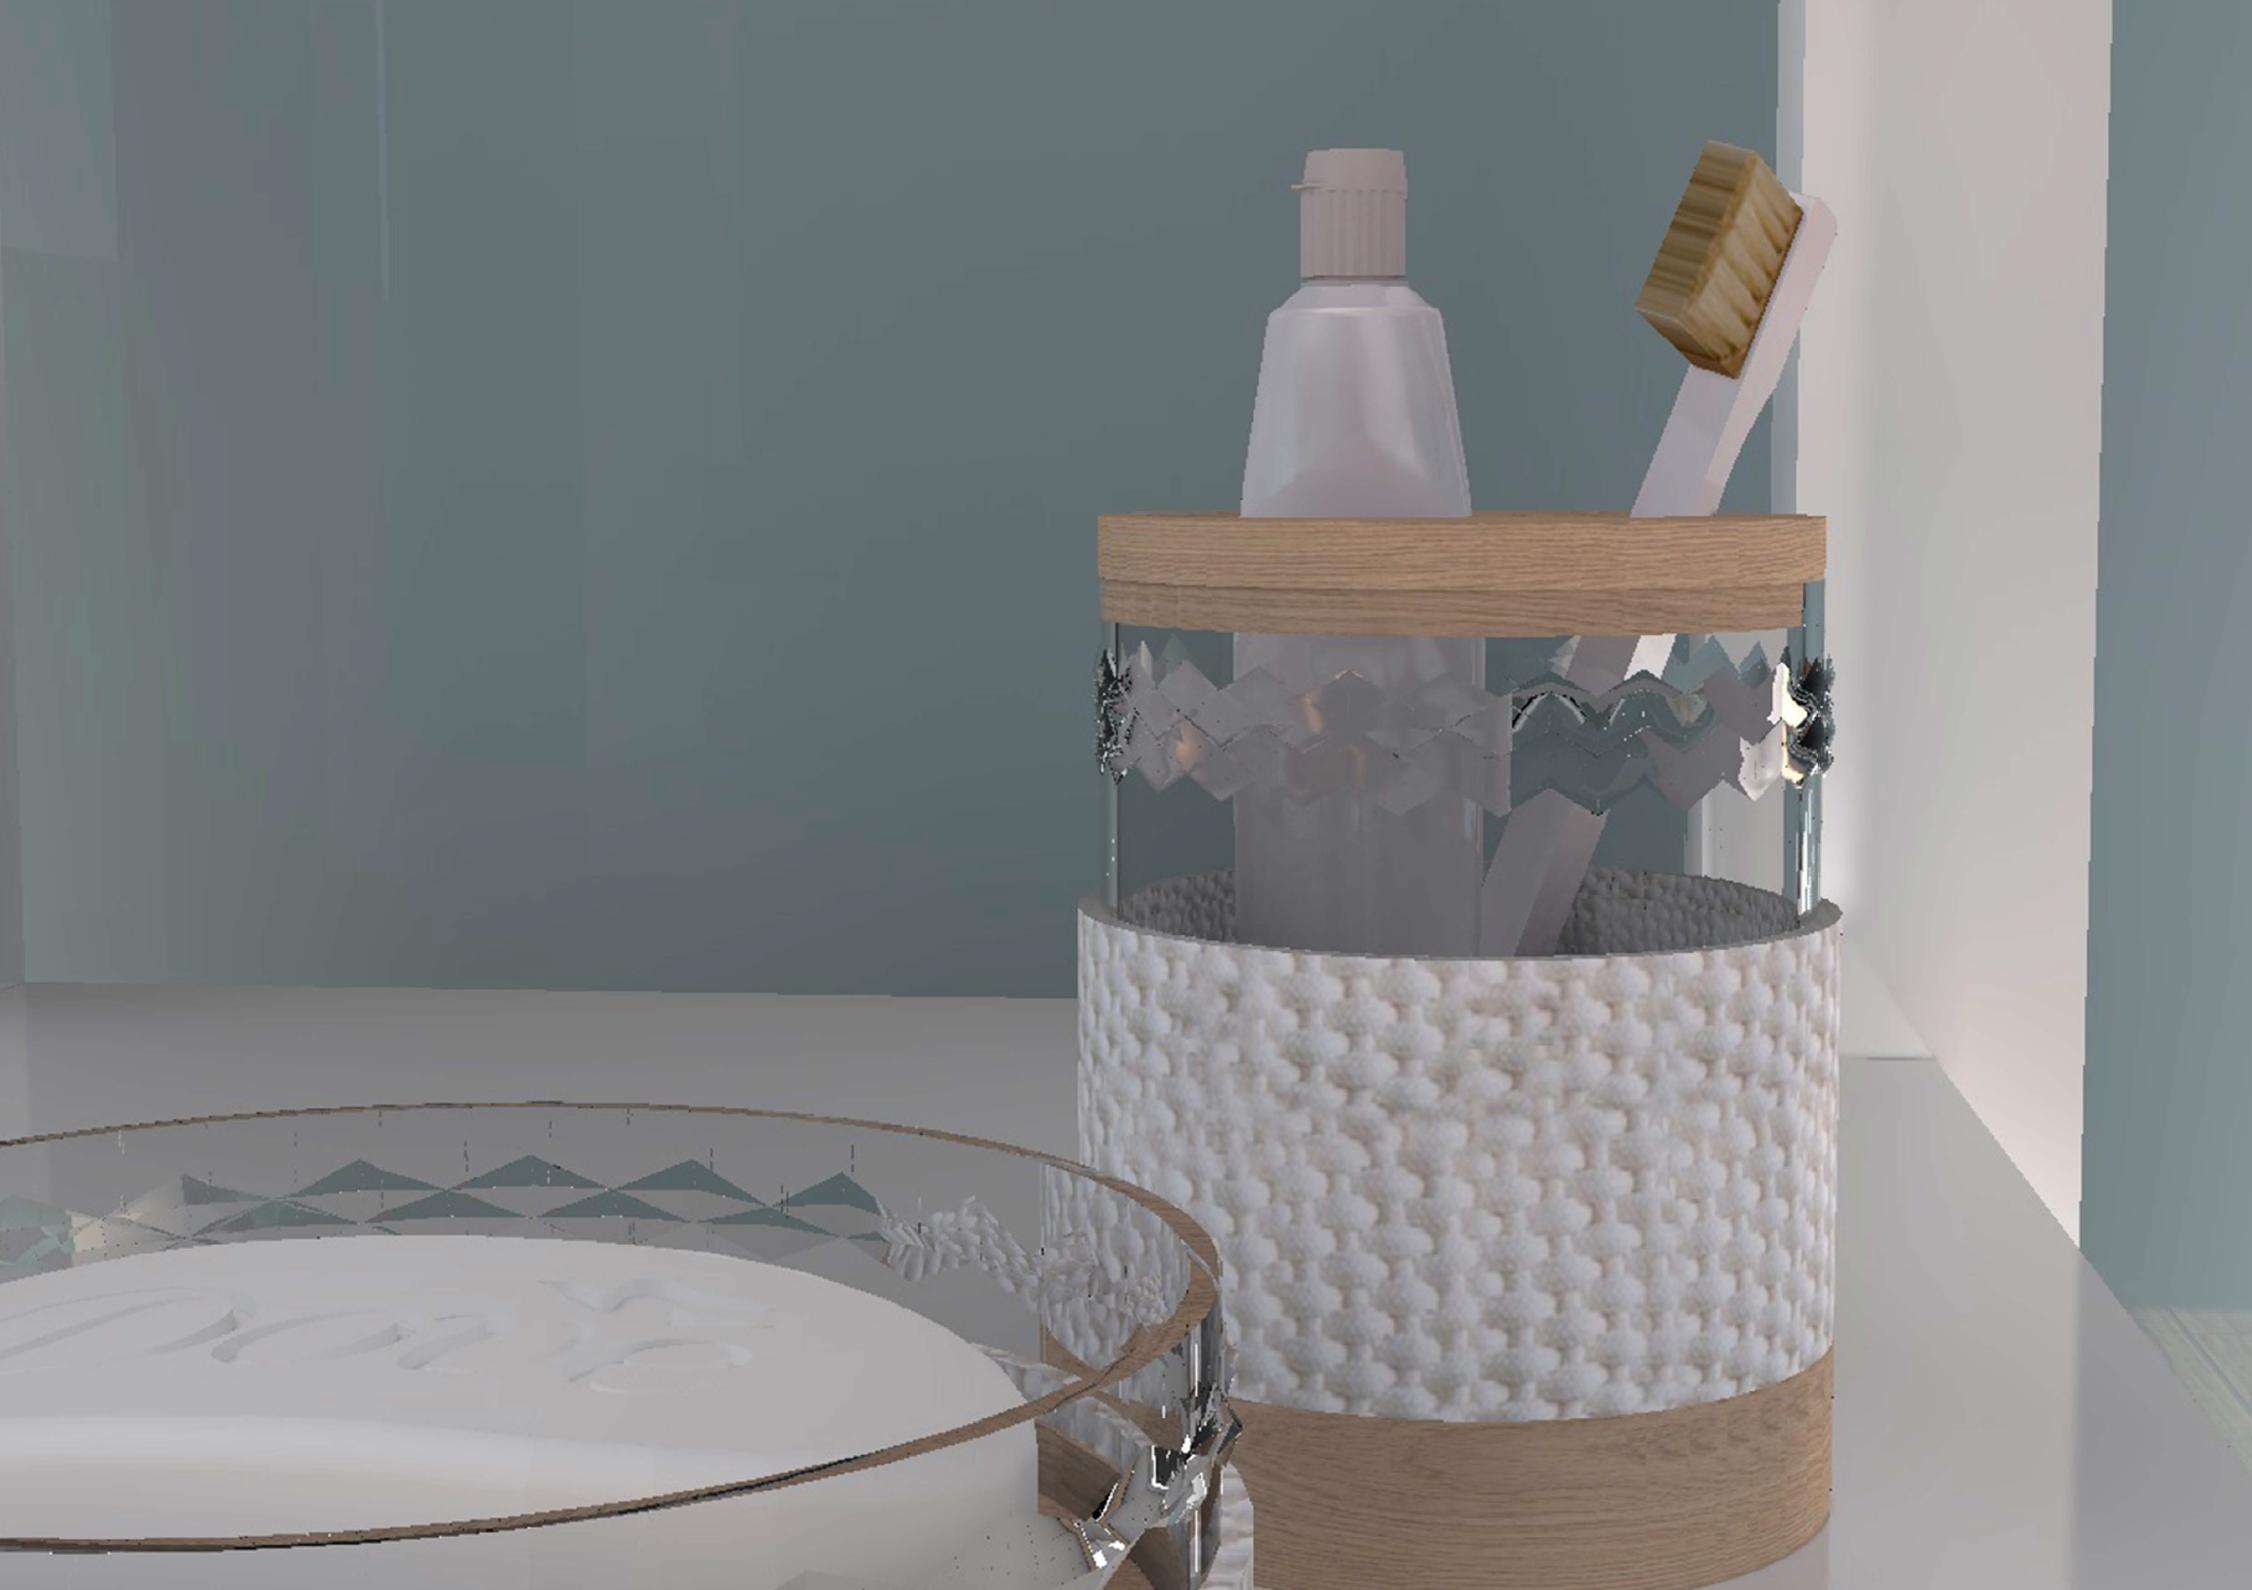 Design objet mon cocon détail cristal l'Atelier d'Elisa